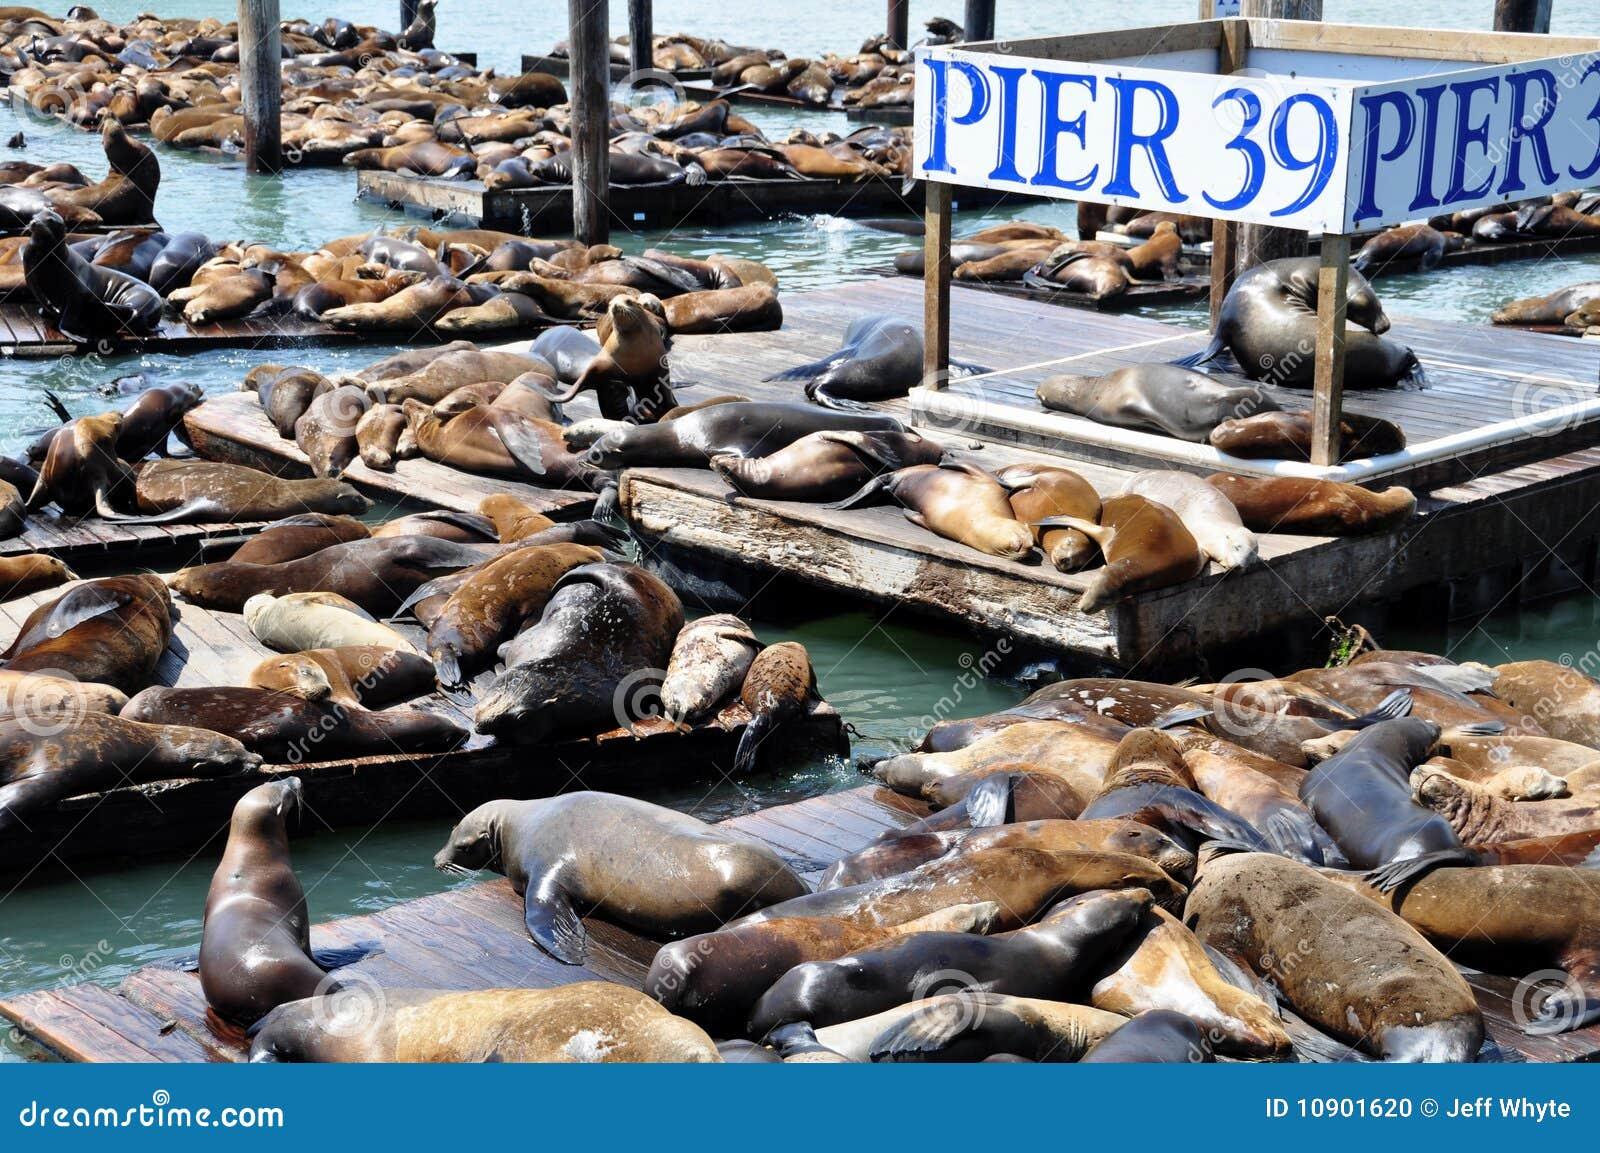 Sea Lions, pier 39